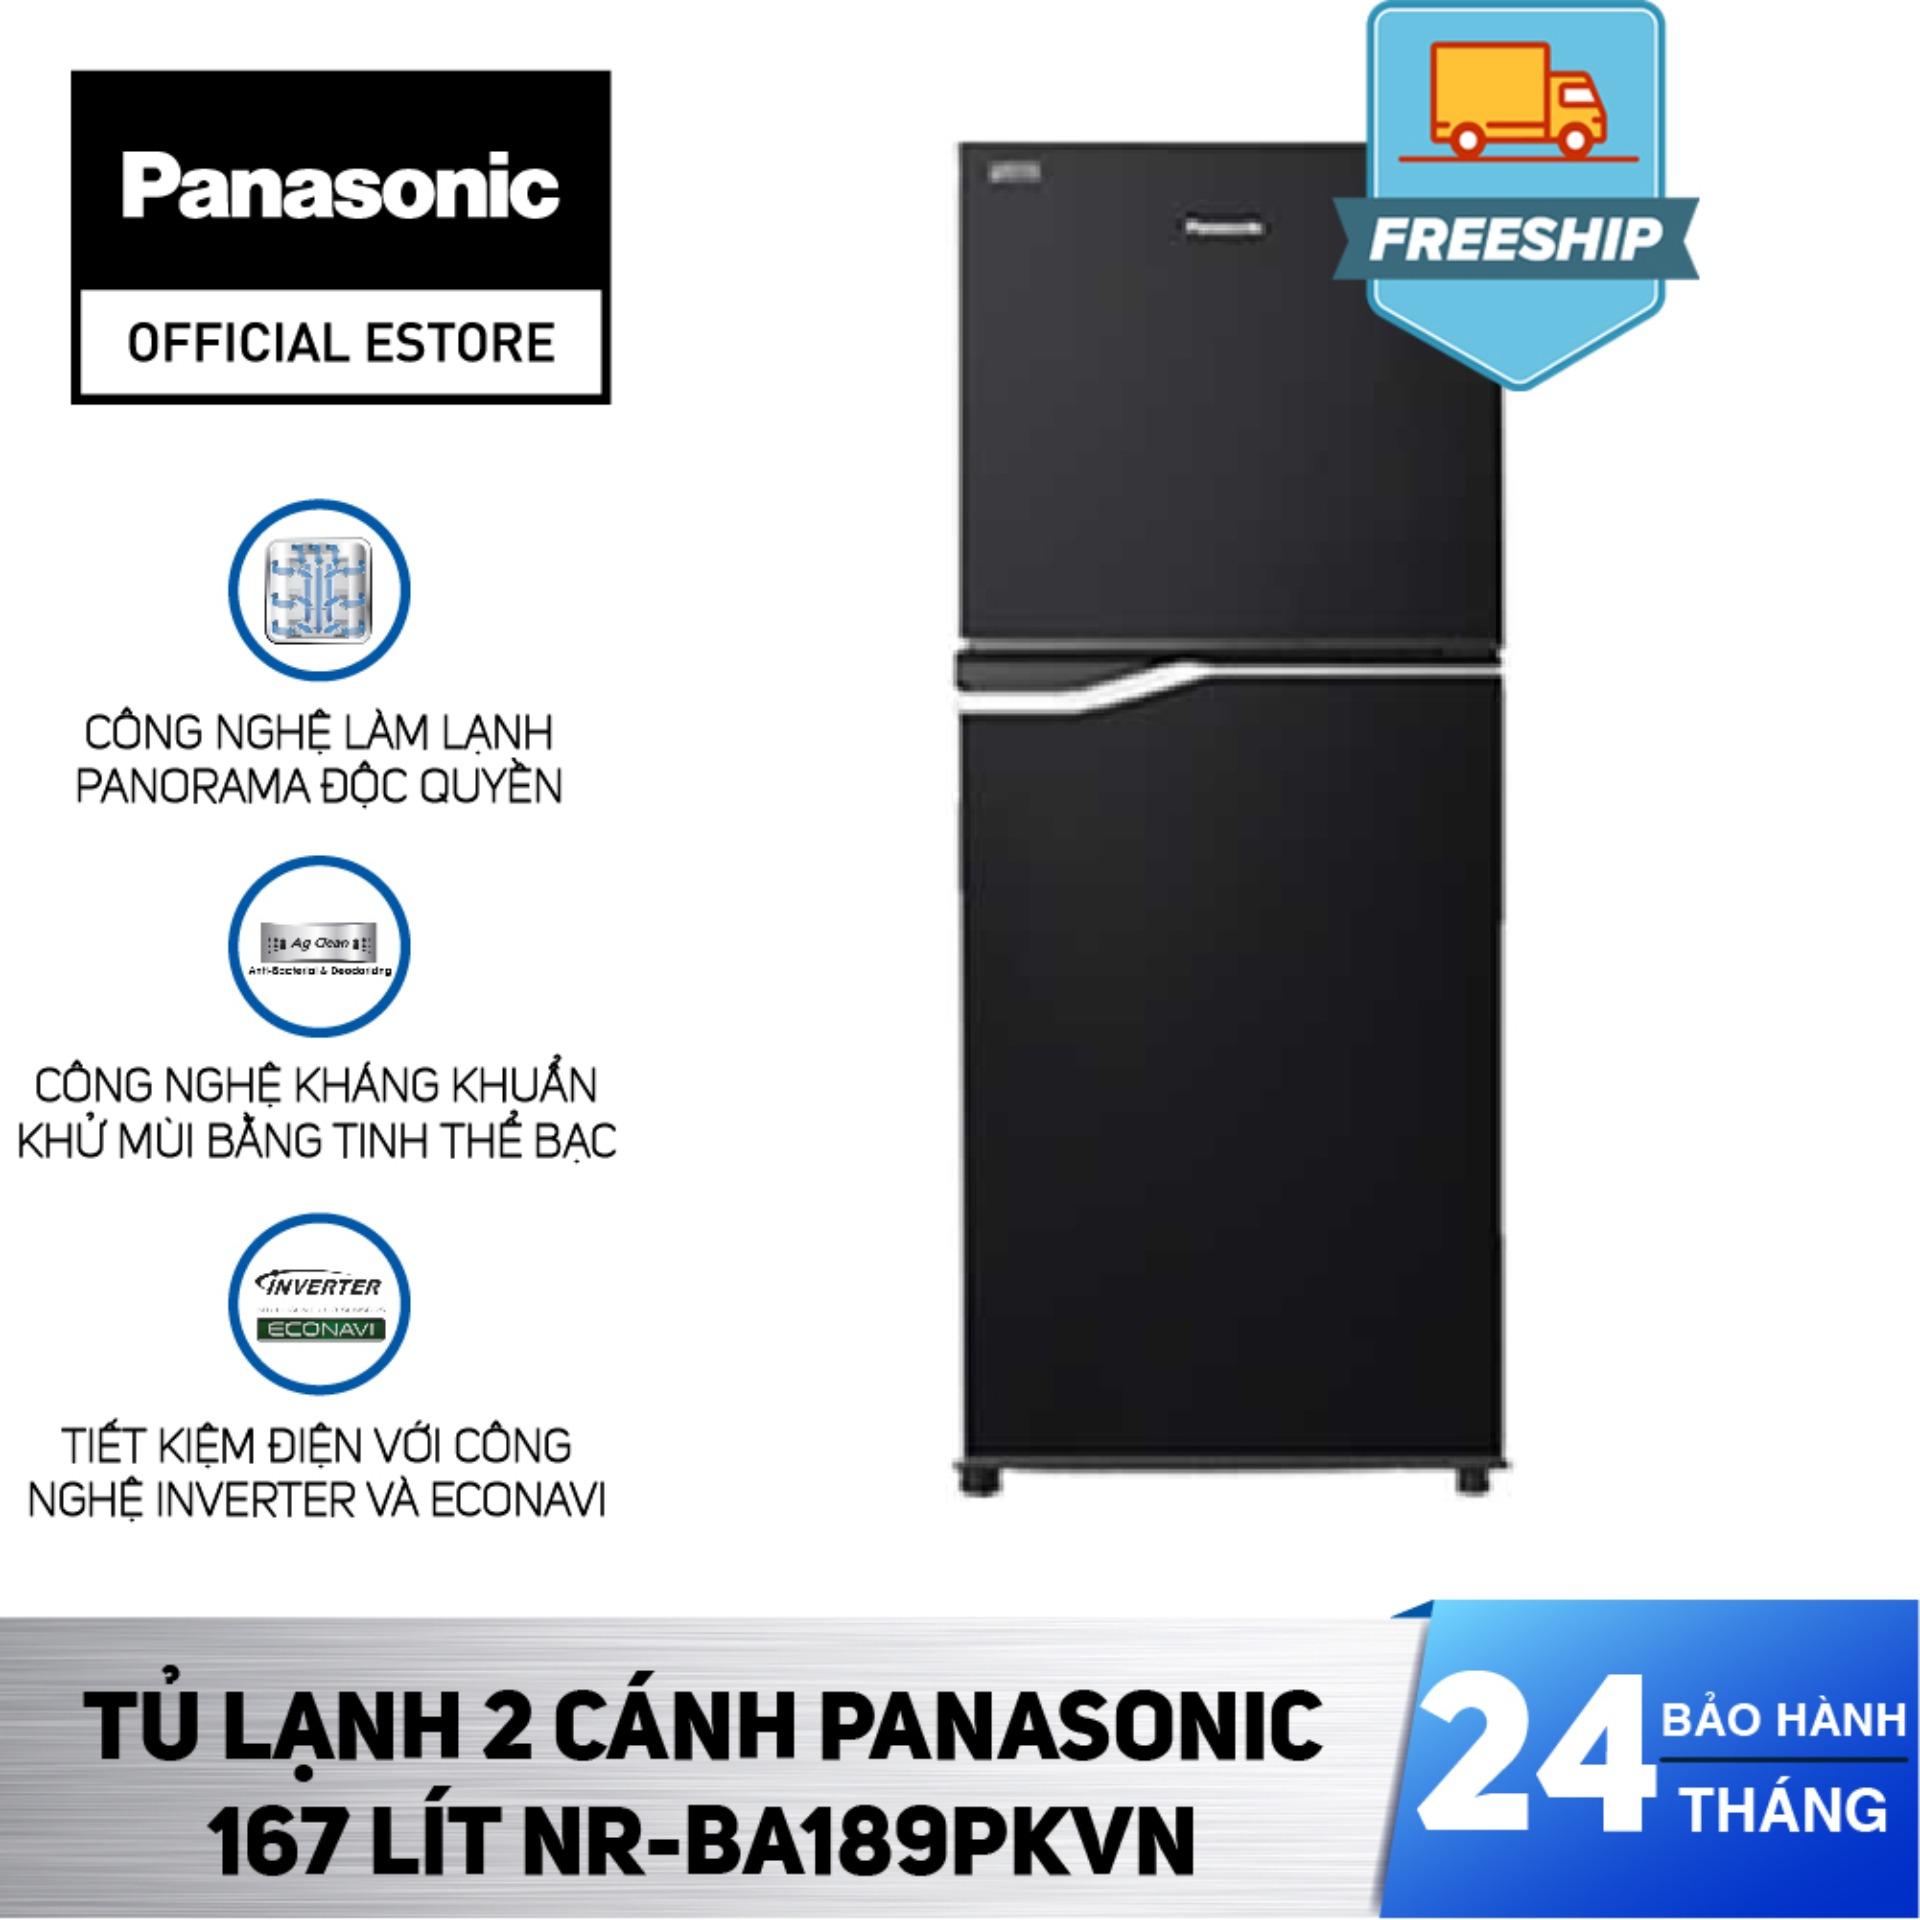 [Chỉ Giao HCM] Tủ Lạnh 2 Cánh Panasonic 167 Lít NR-BA189PKVN Bảo Hành 2 Năm Hàng Chính Hãng